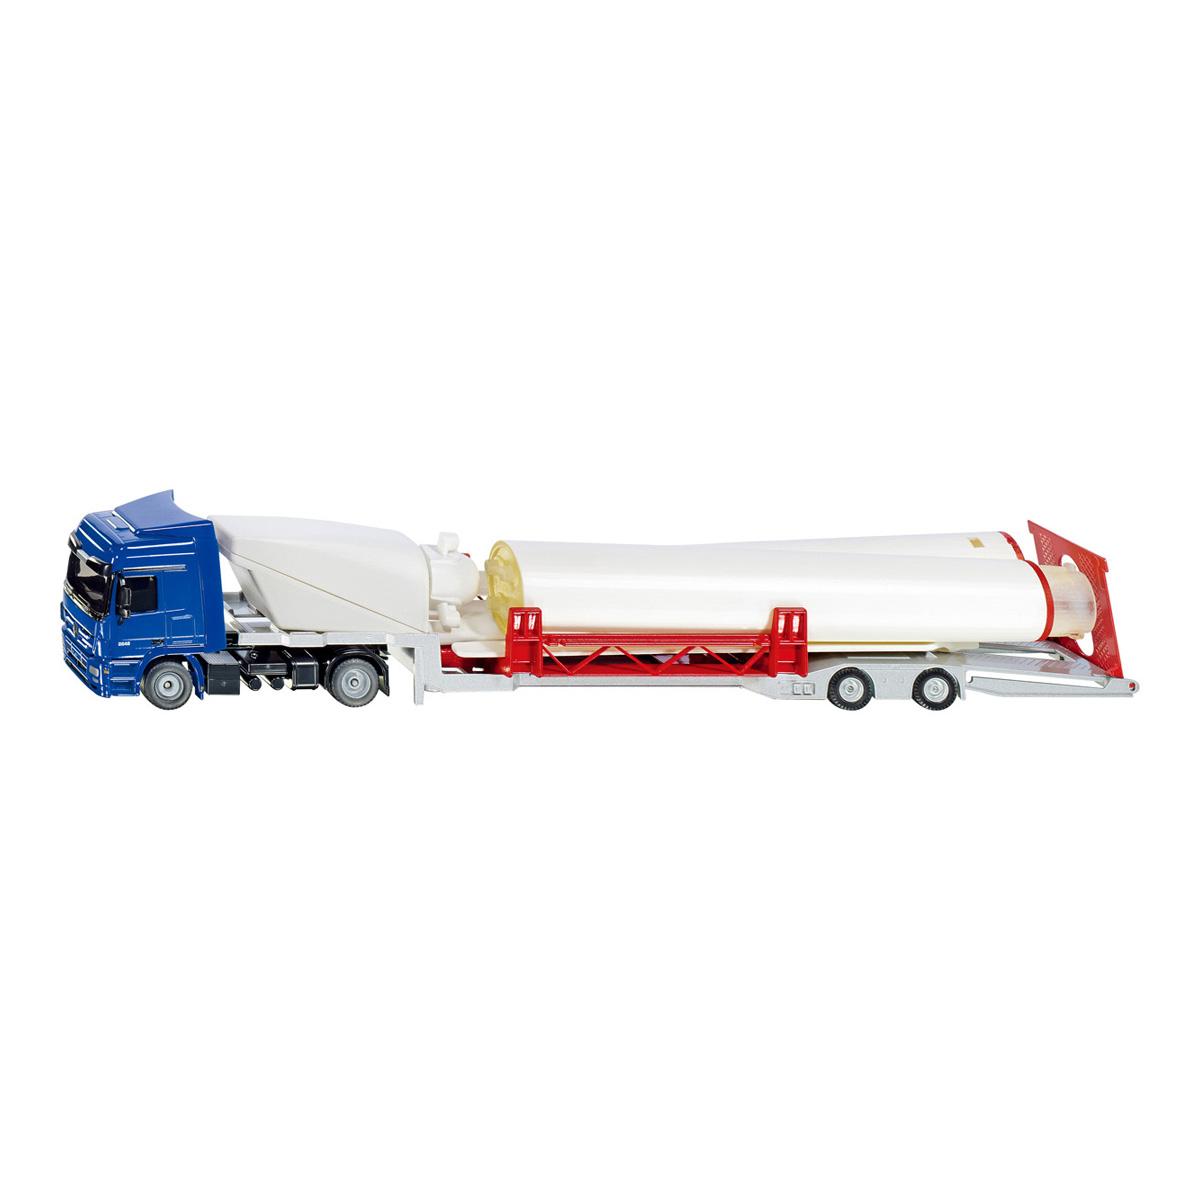 風力タービン運搬トレーラー 1:50(ジク・SIKU)